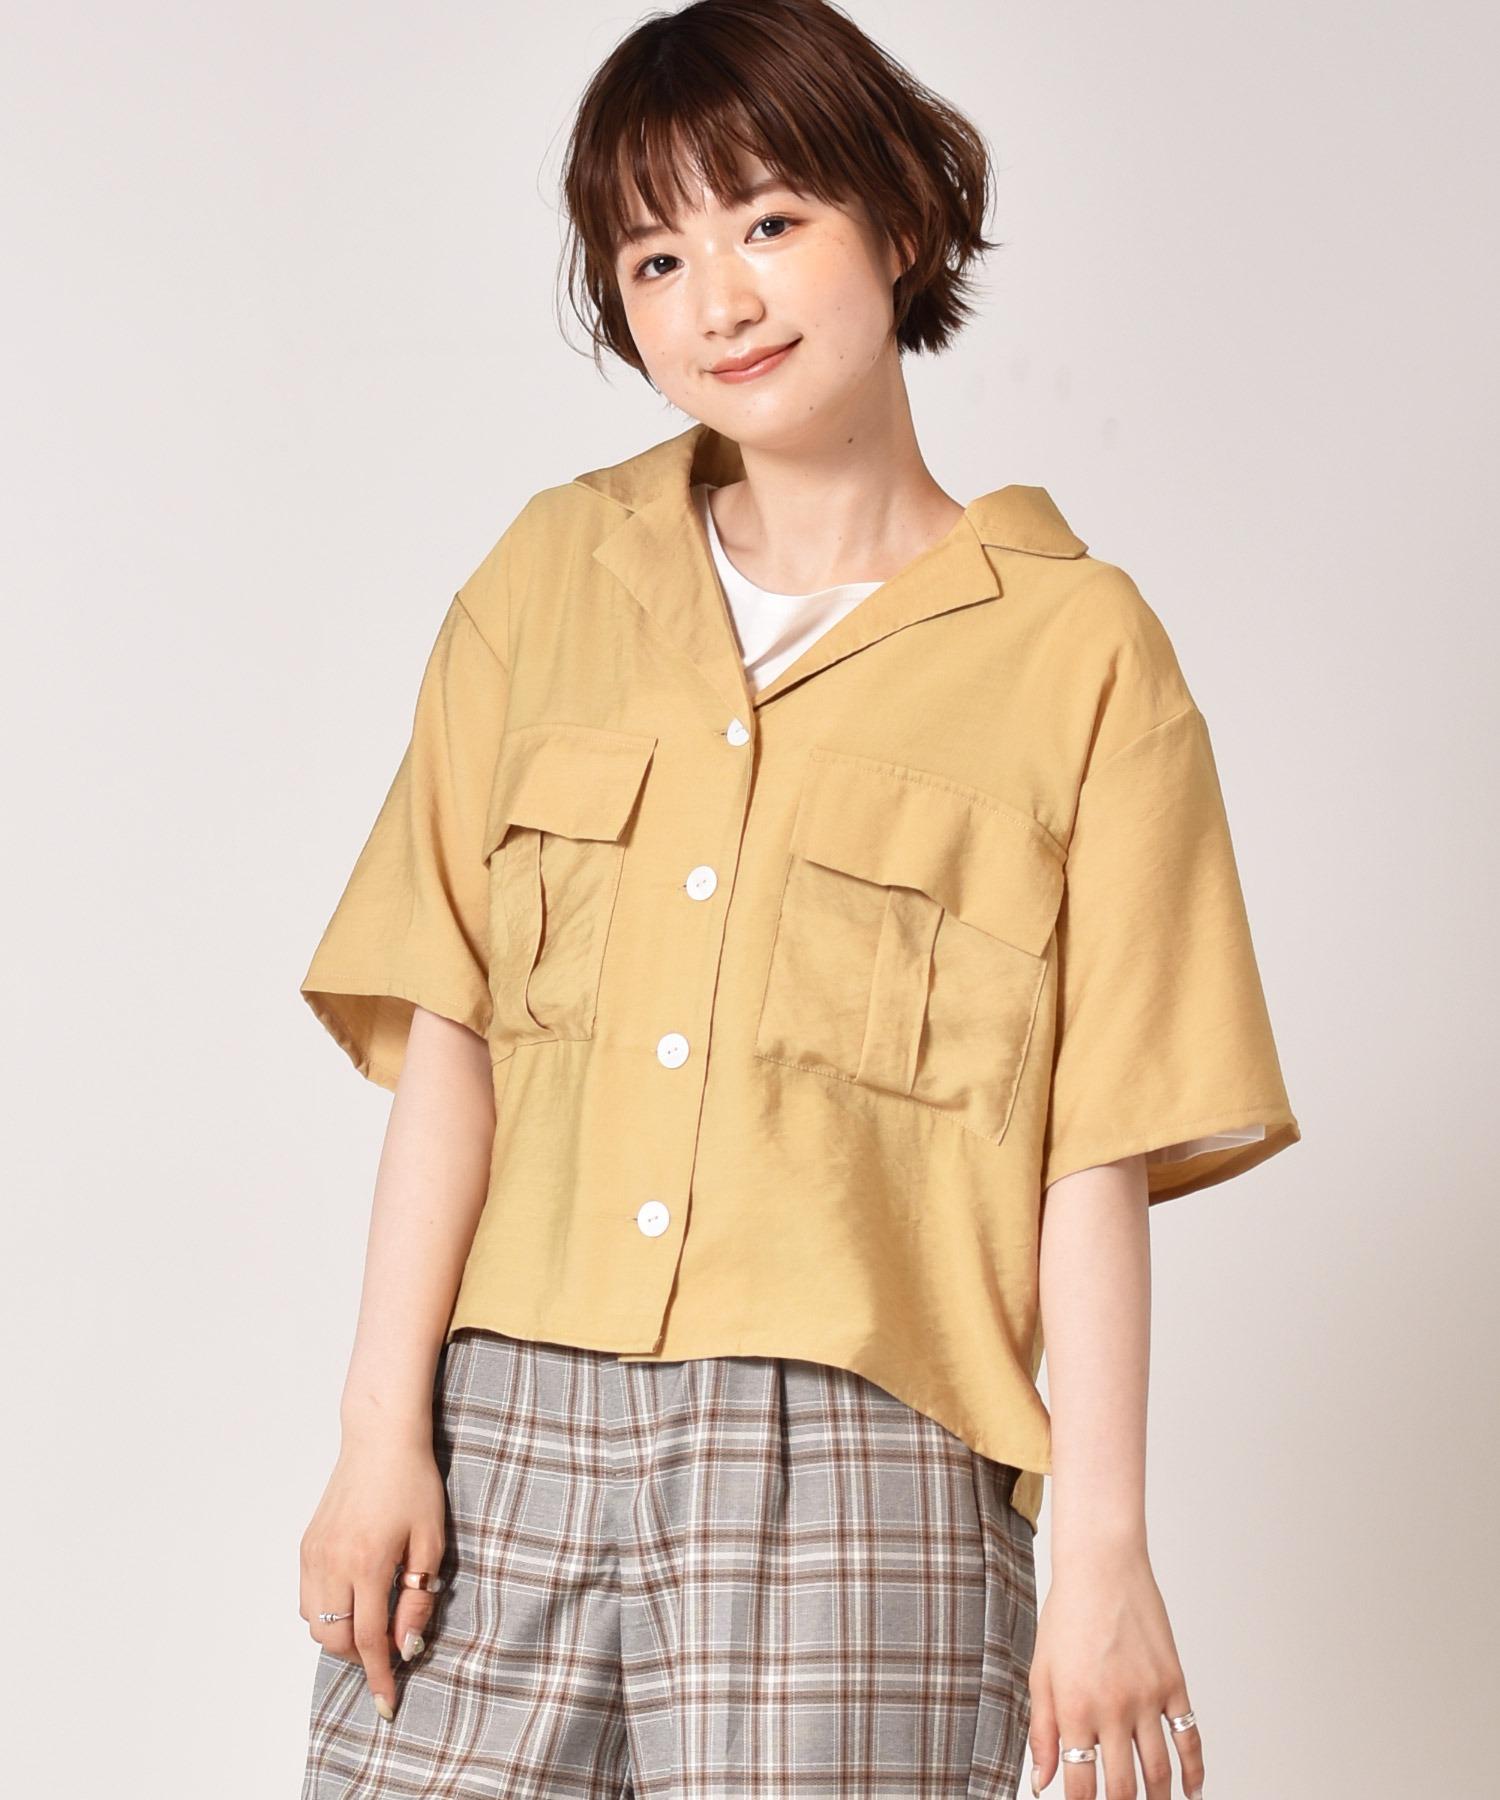 麻ライク半袖シャツ